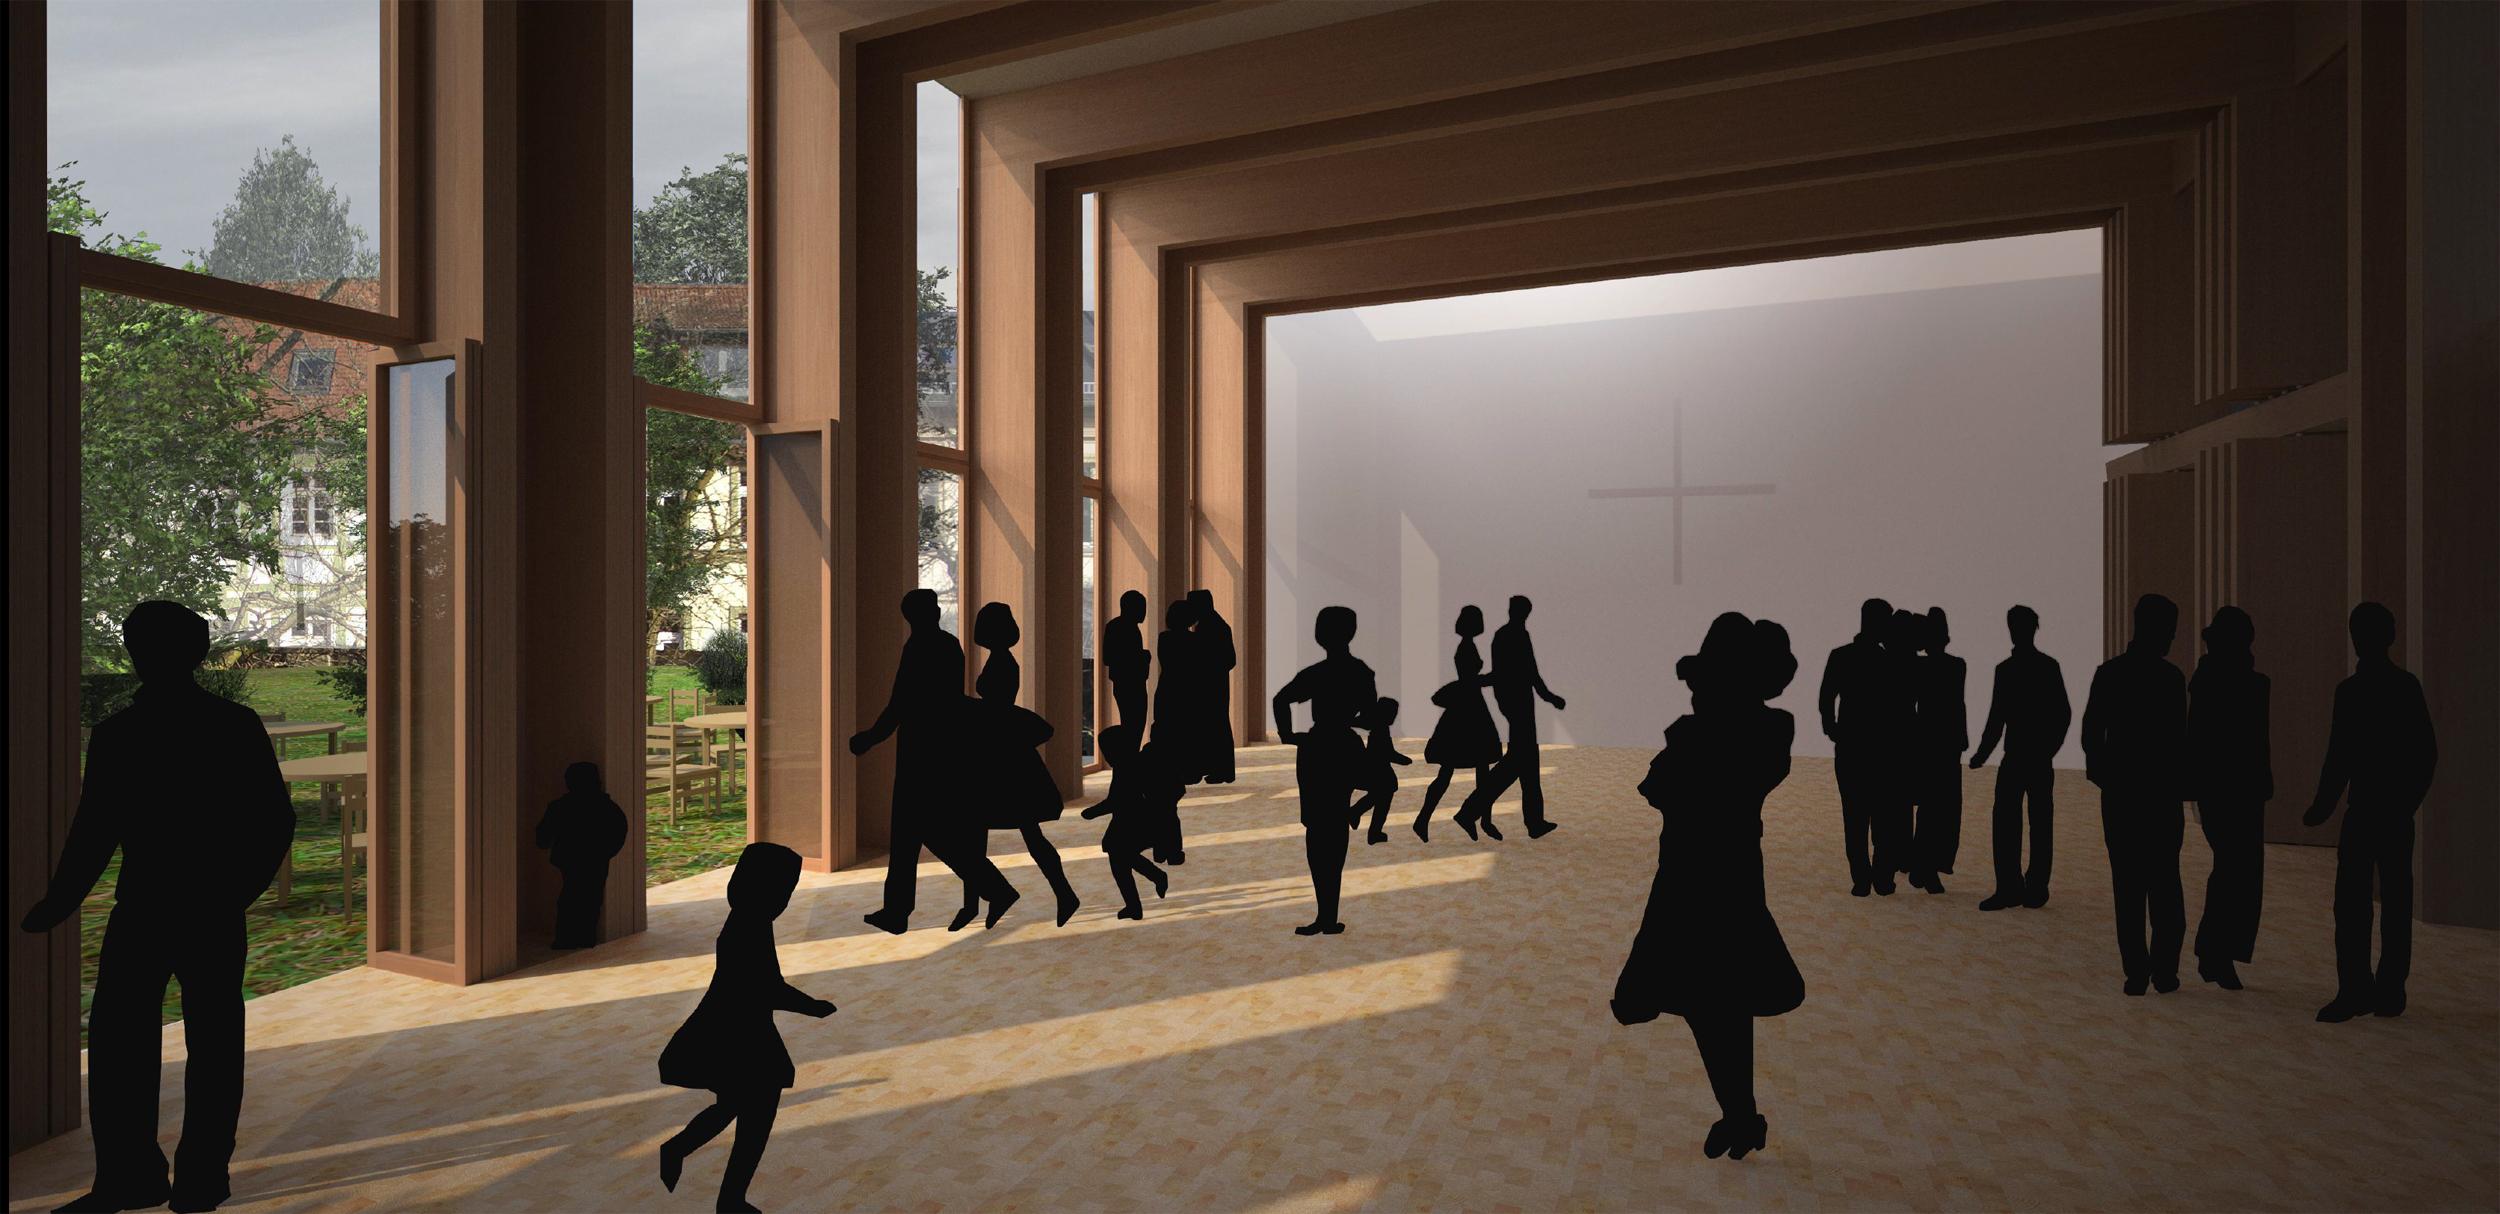 Innenraum Gemeindesaal mit Blick in den Pfarrgarten; © GAP, andreas gehrke architekten